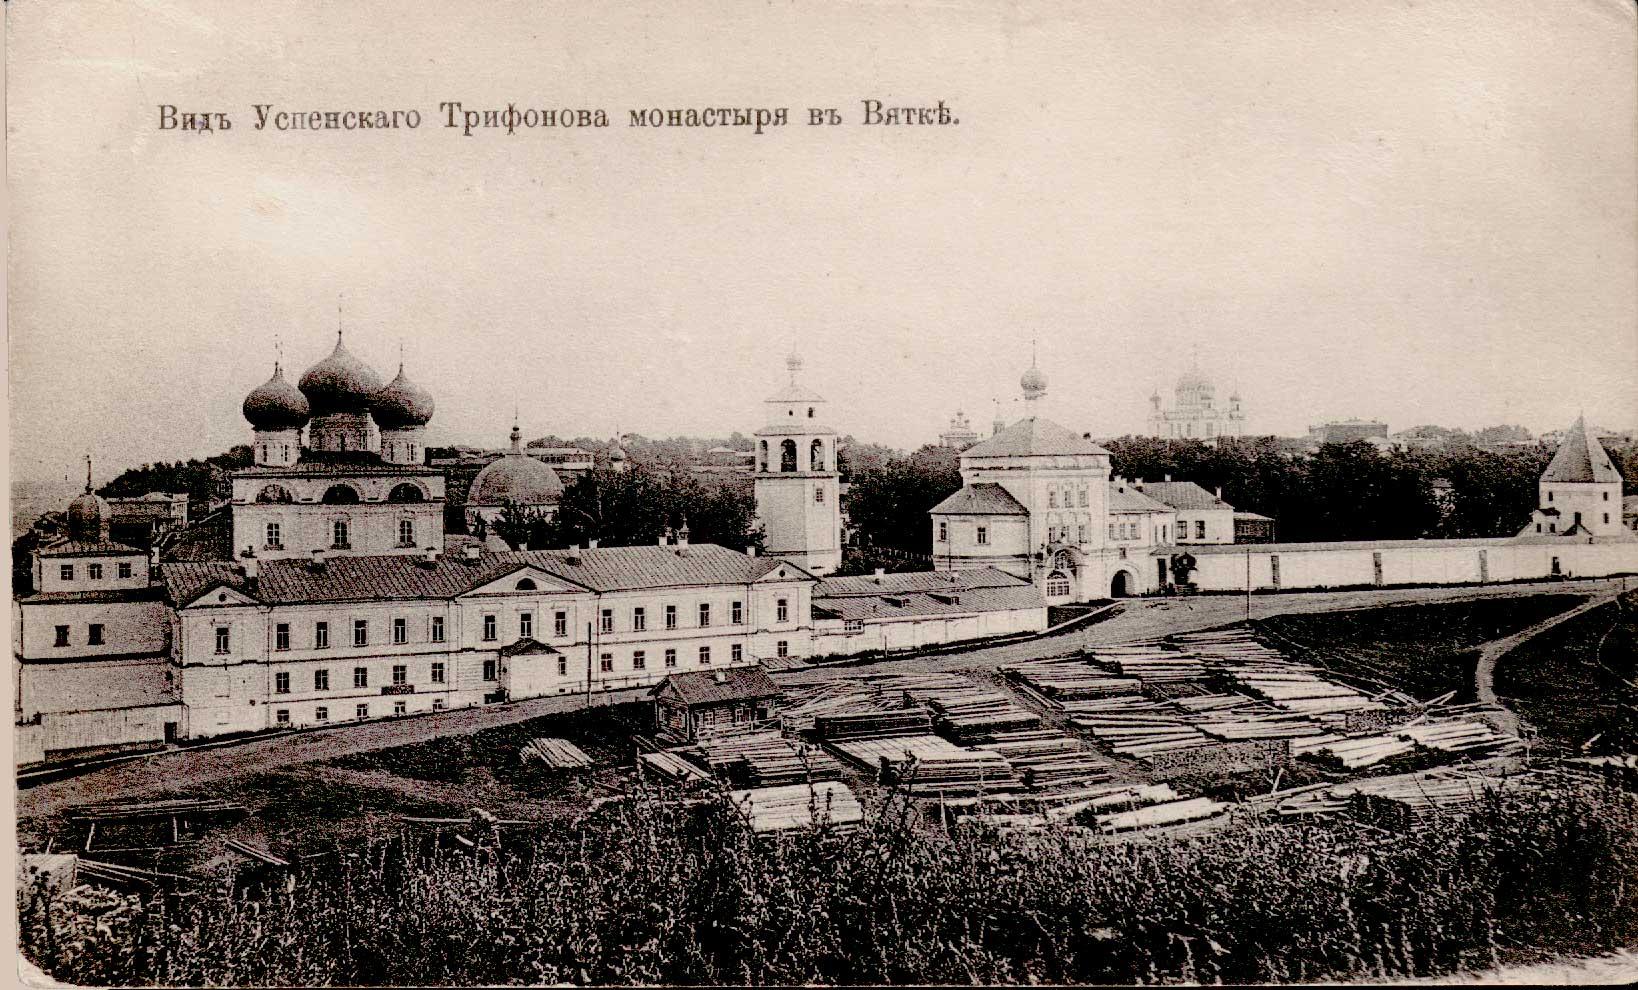 Успенский Трифоновский монастырь